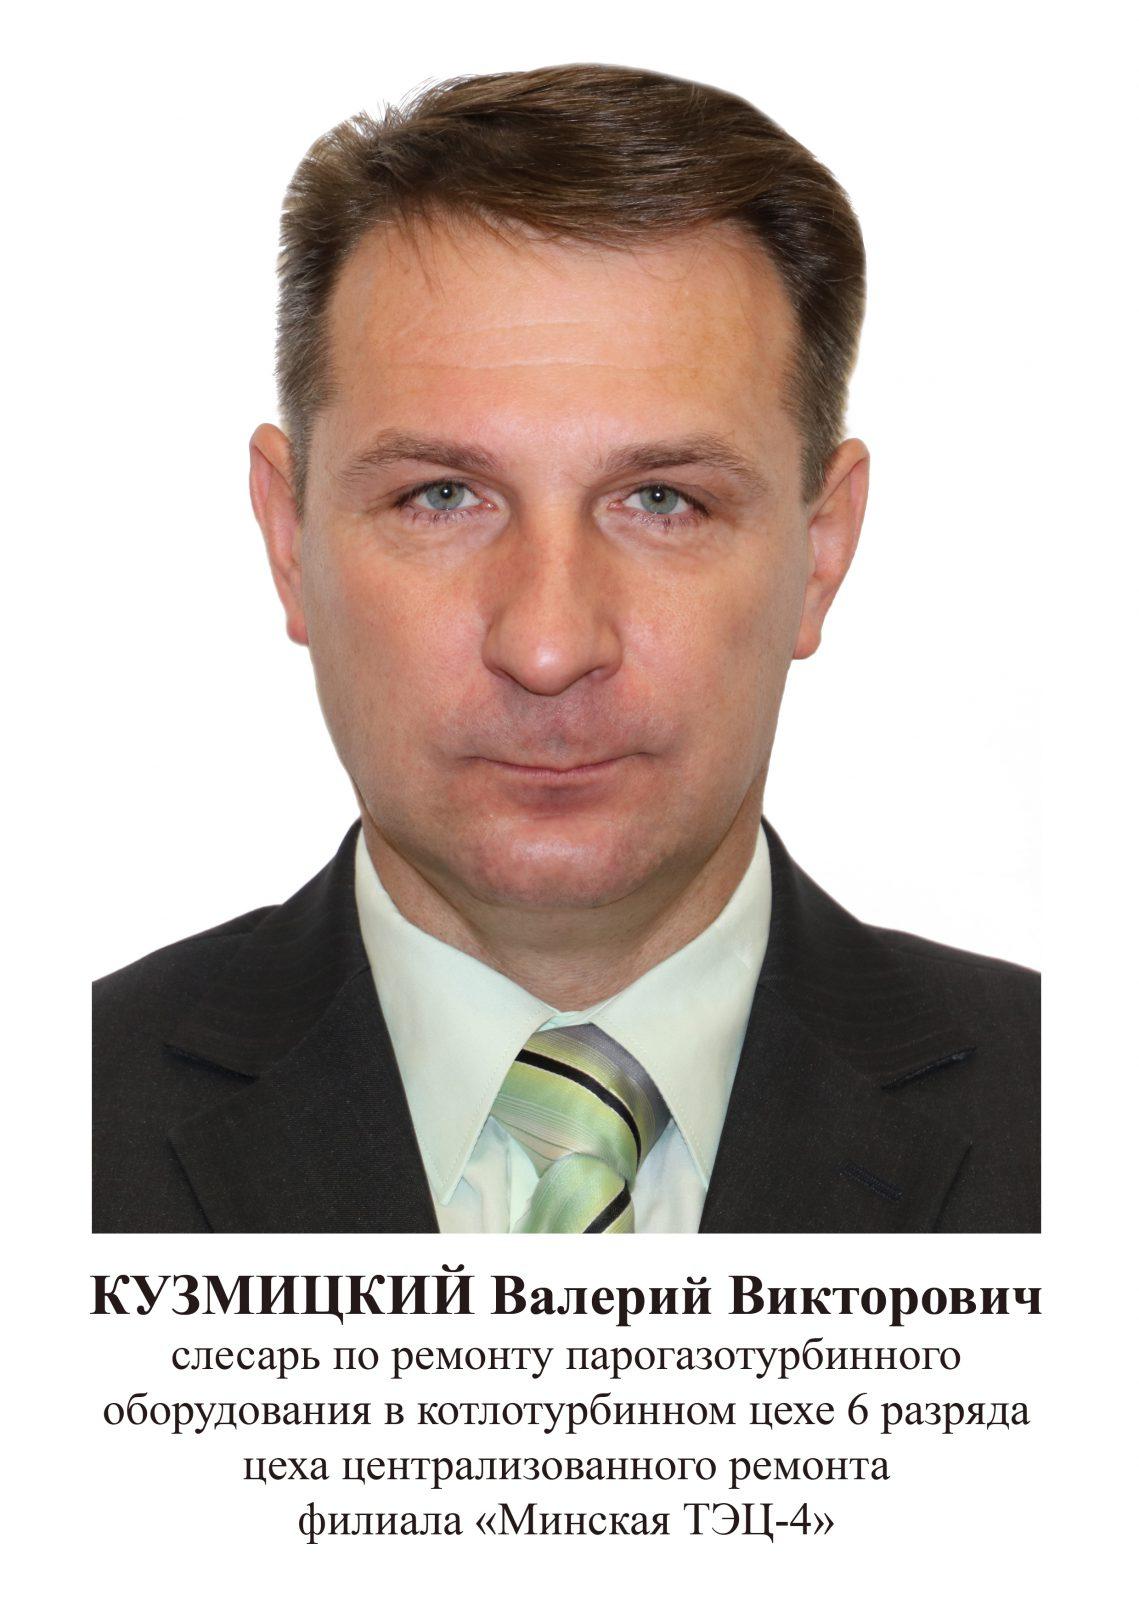 Кузмицкий Валерий Викторович